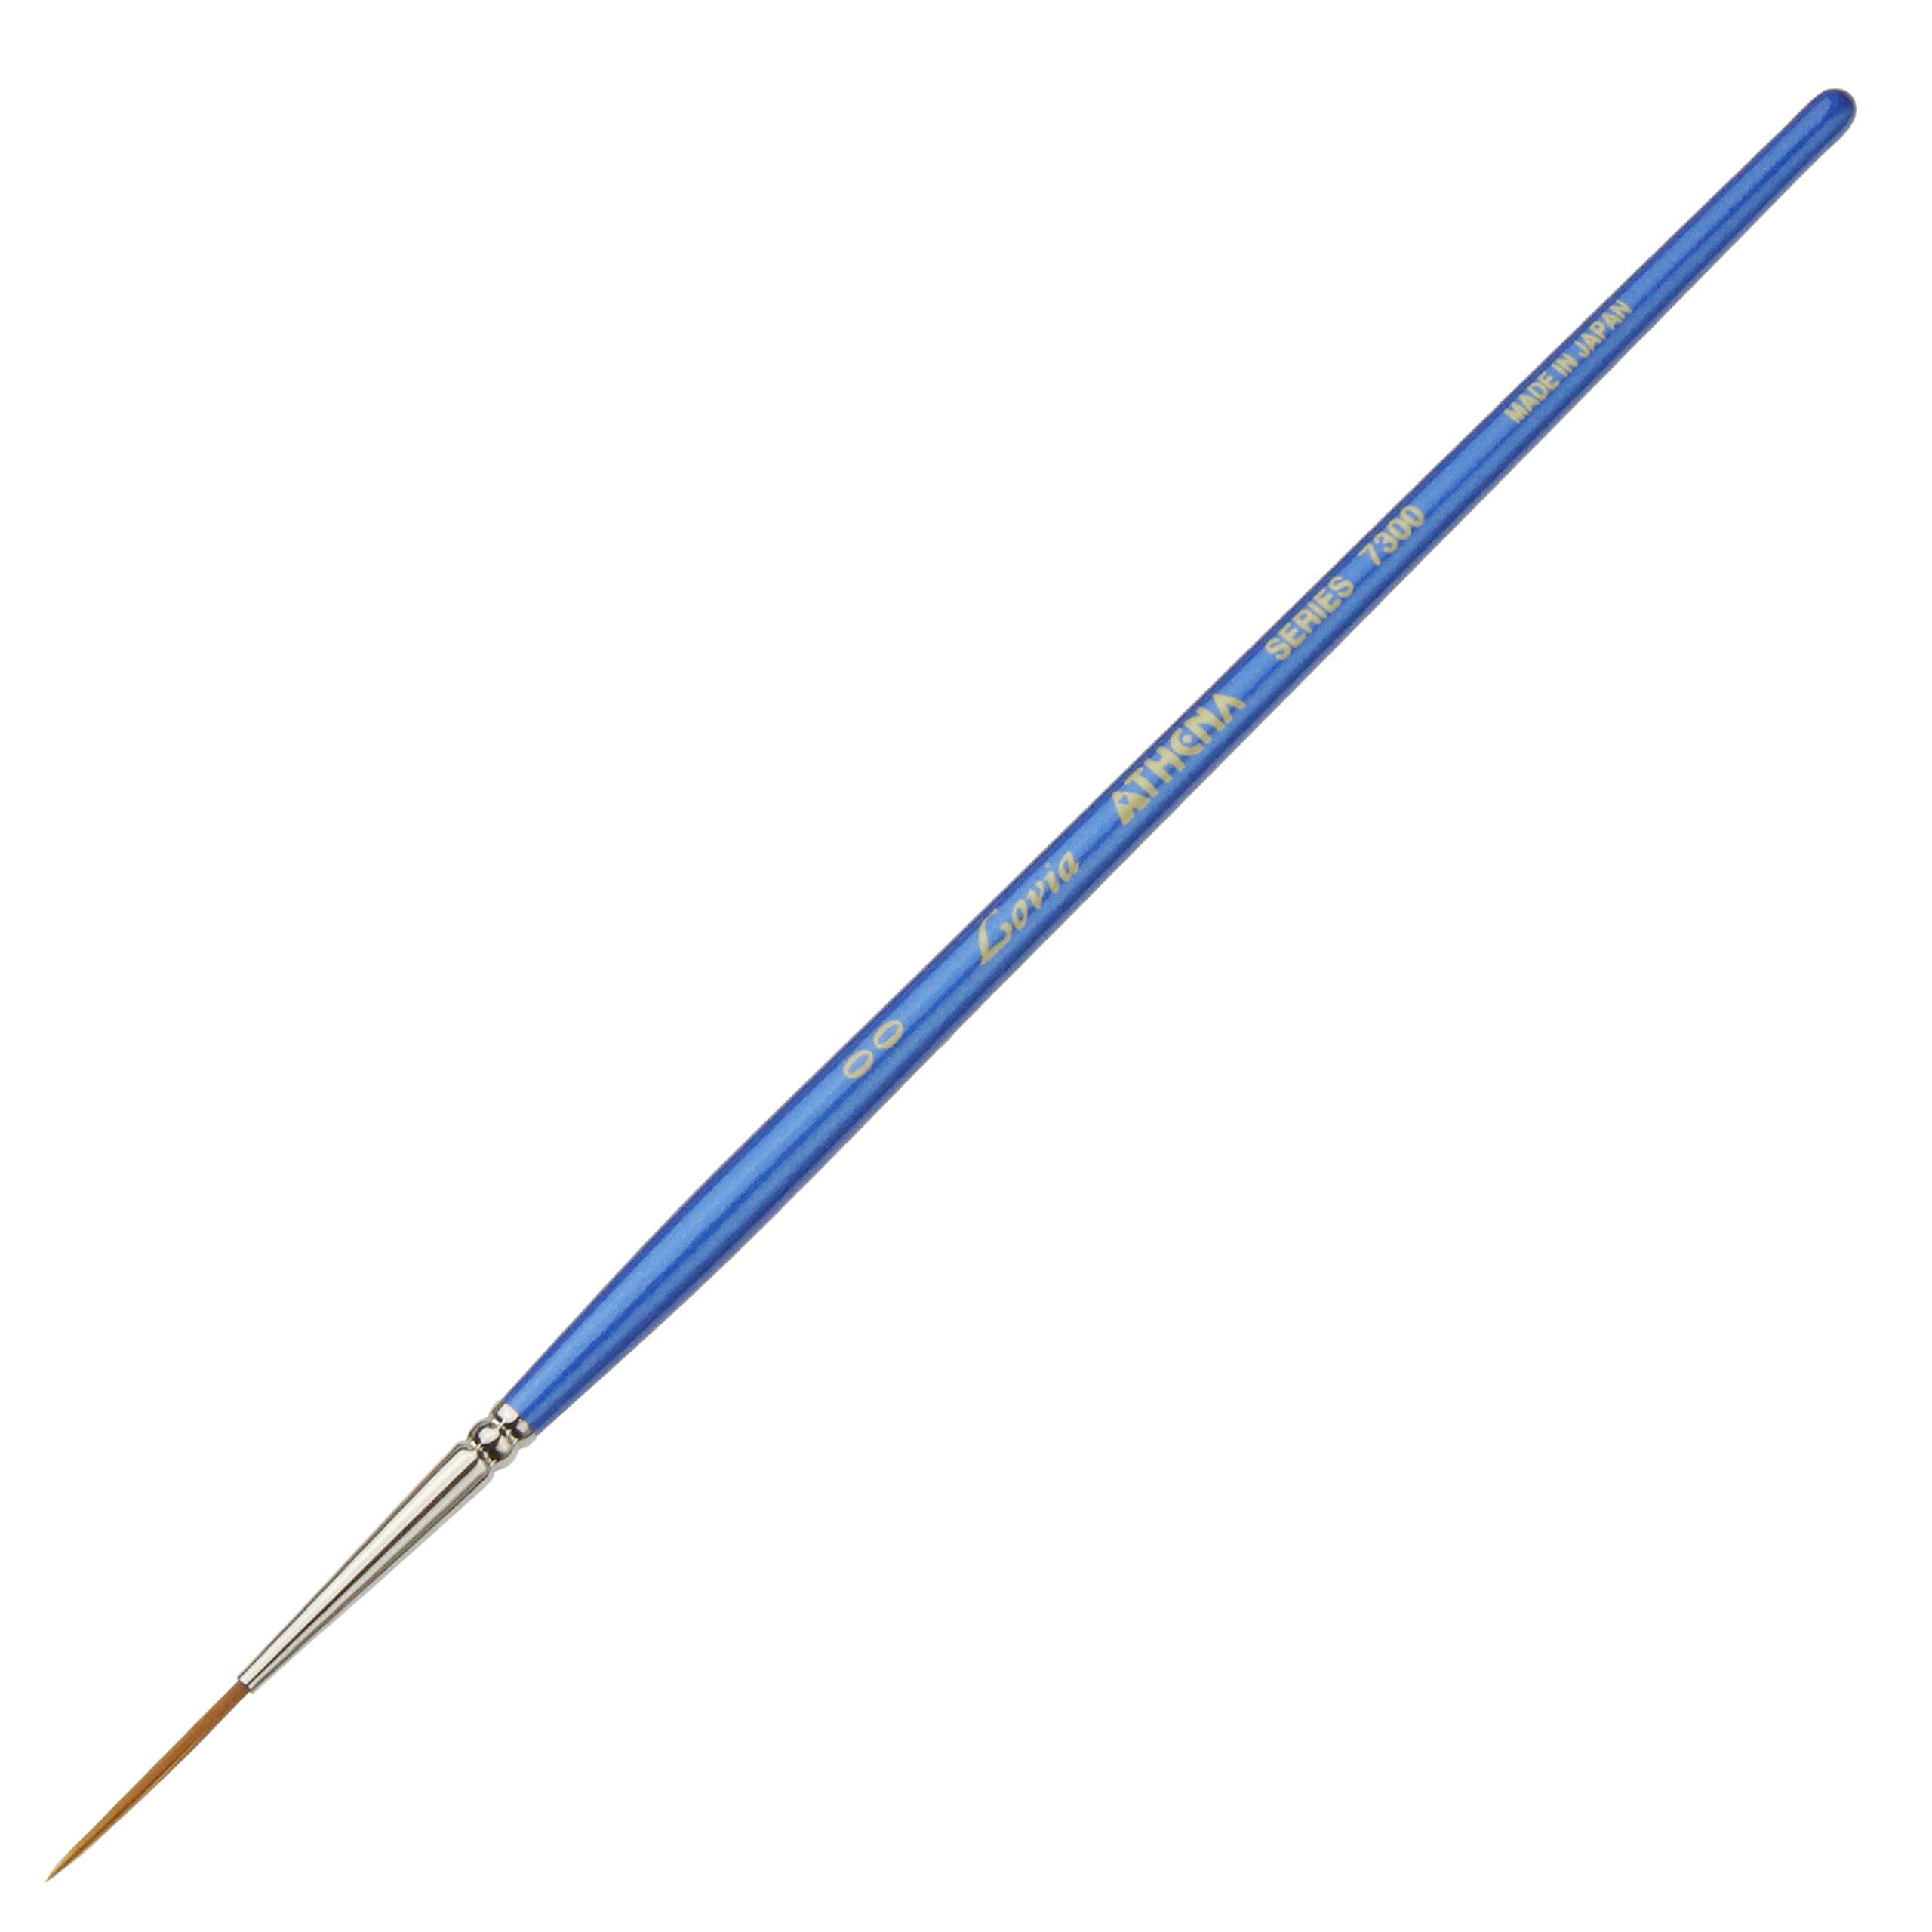 Athena SCRIPT LINER 7300-2/0 Paint Brush